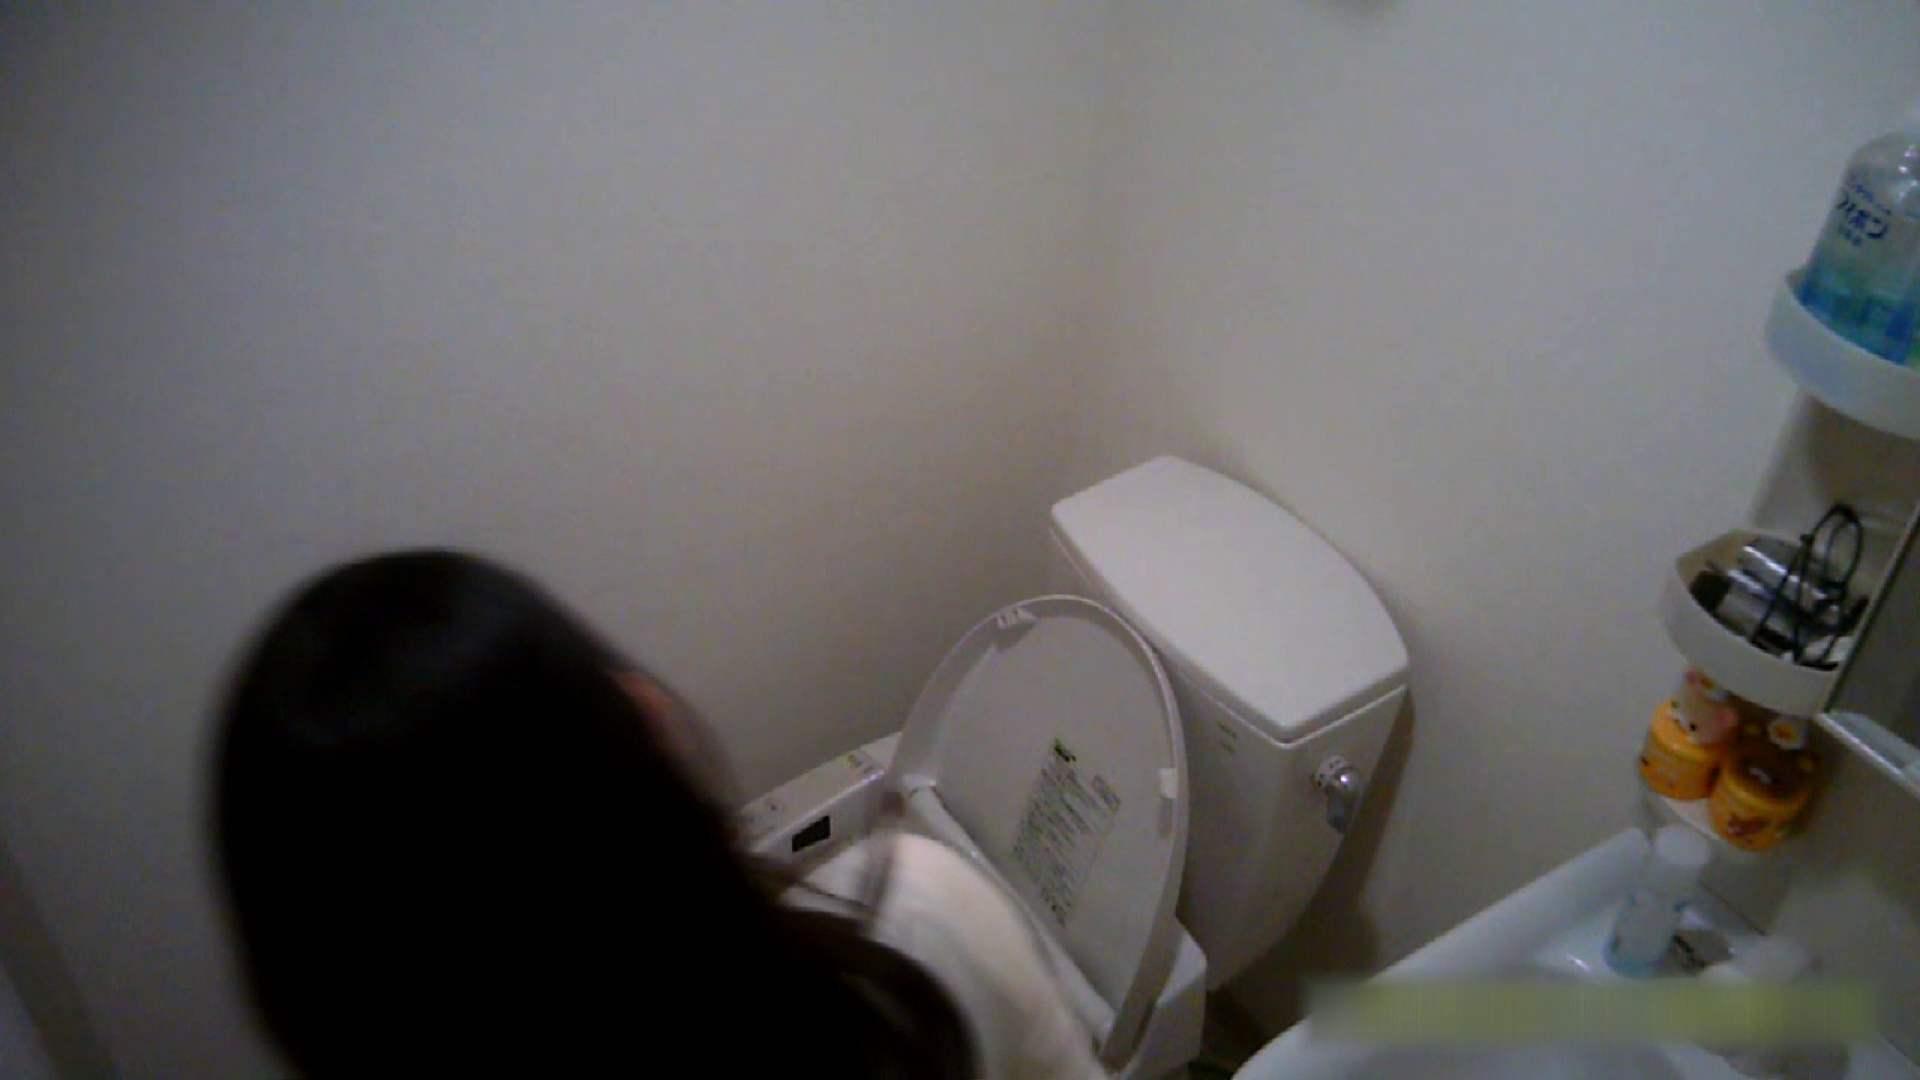 清楚な顔してかなり敏感なE子25歳(仮名)Vol.04 トイレ編 トイレのぞき 性交動画流出 62画像 3